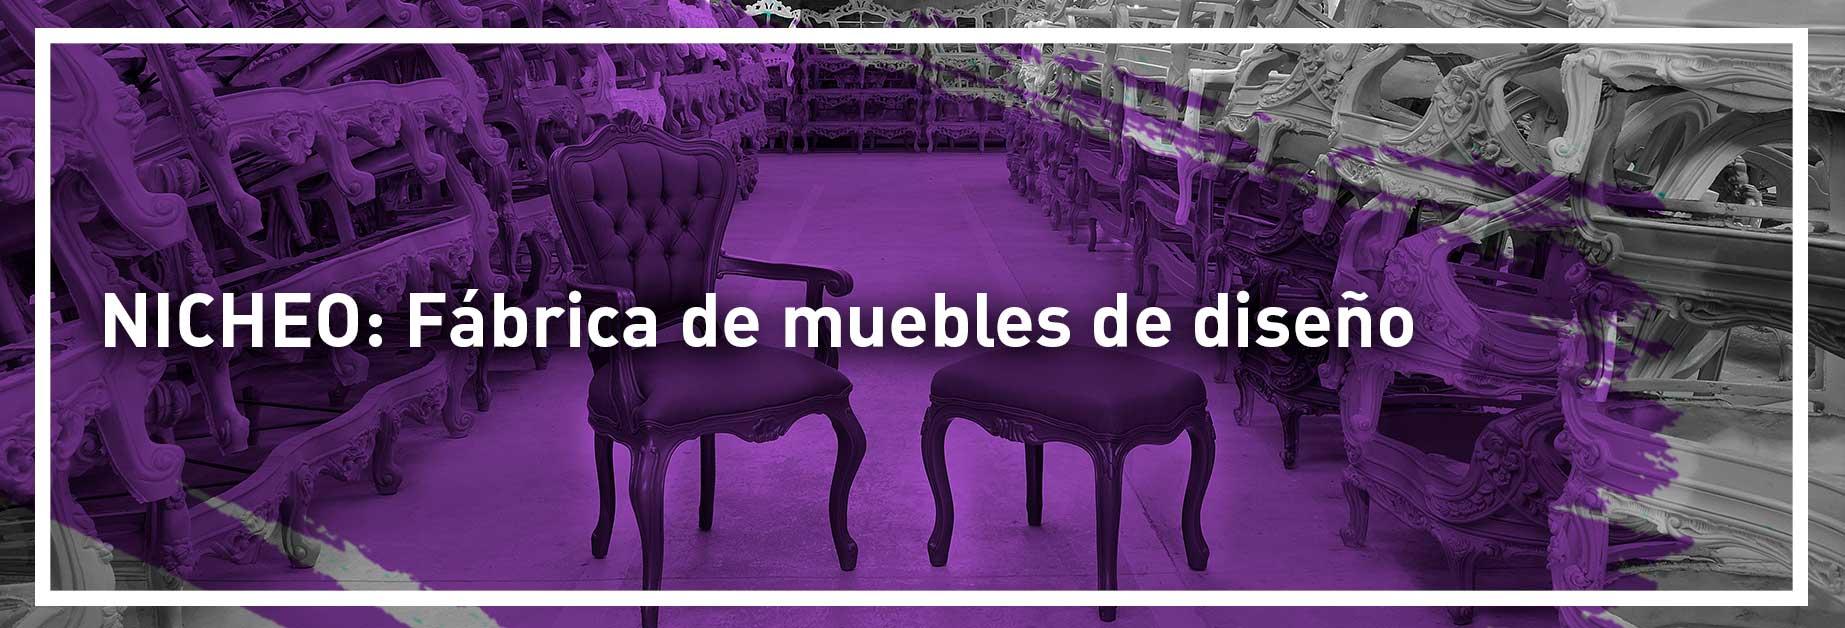 banner--FABRICA-DE-MUEBLES